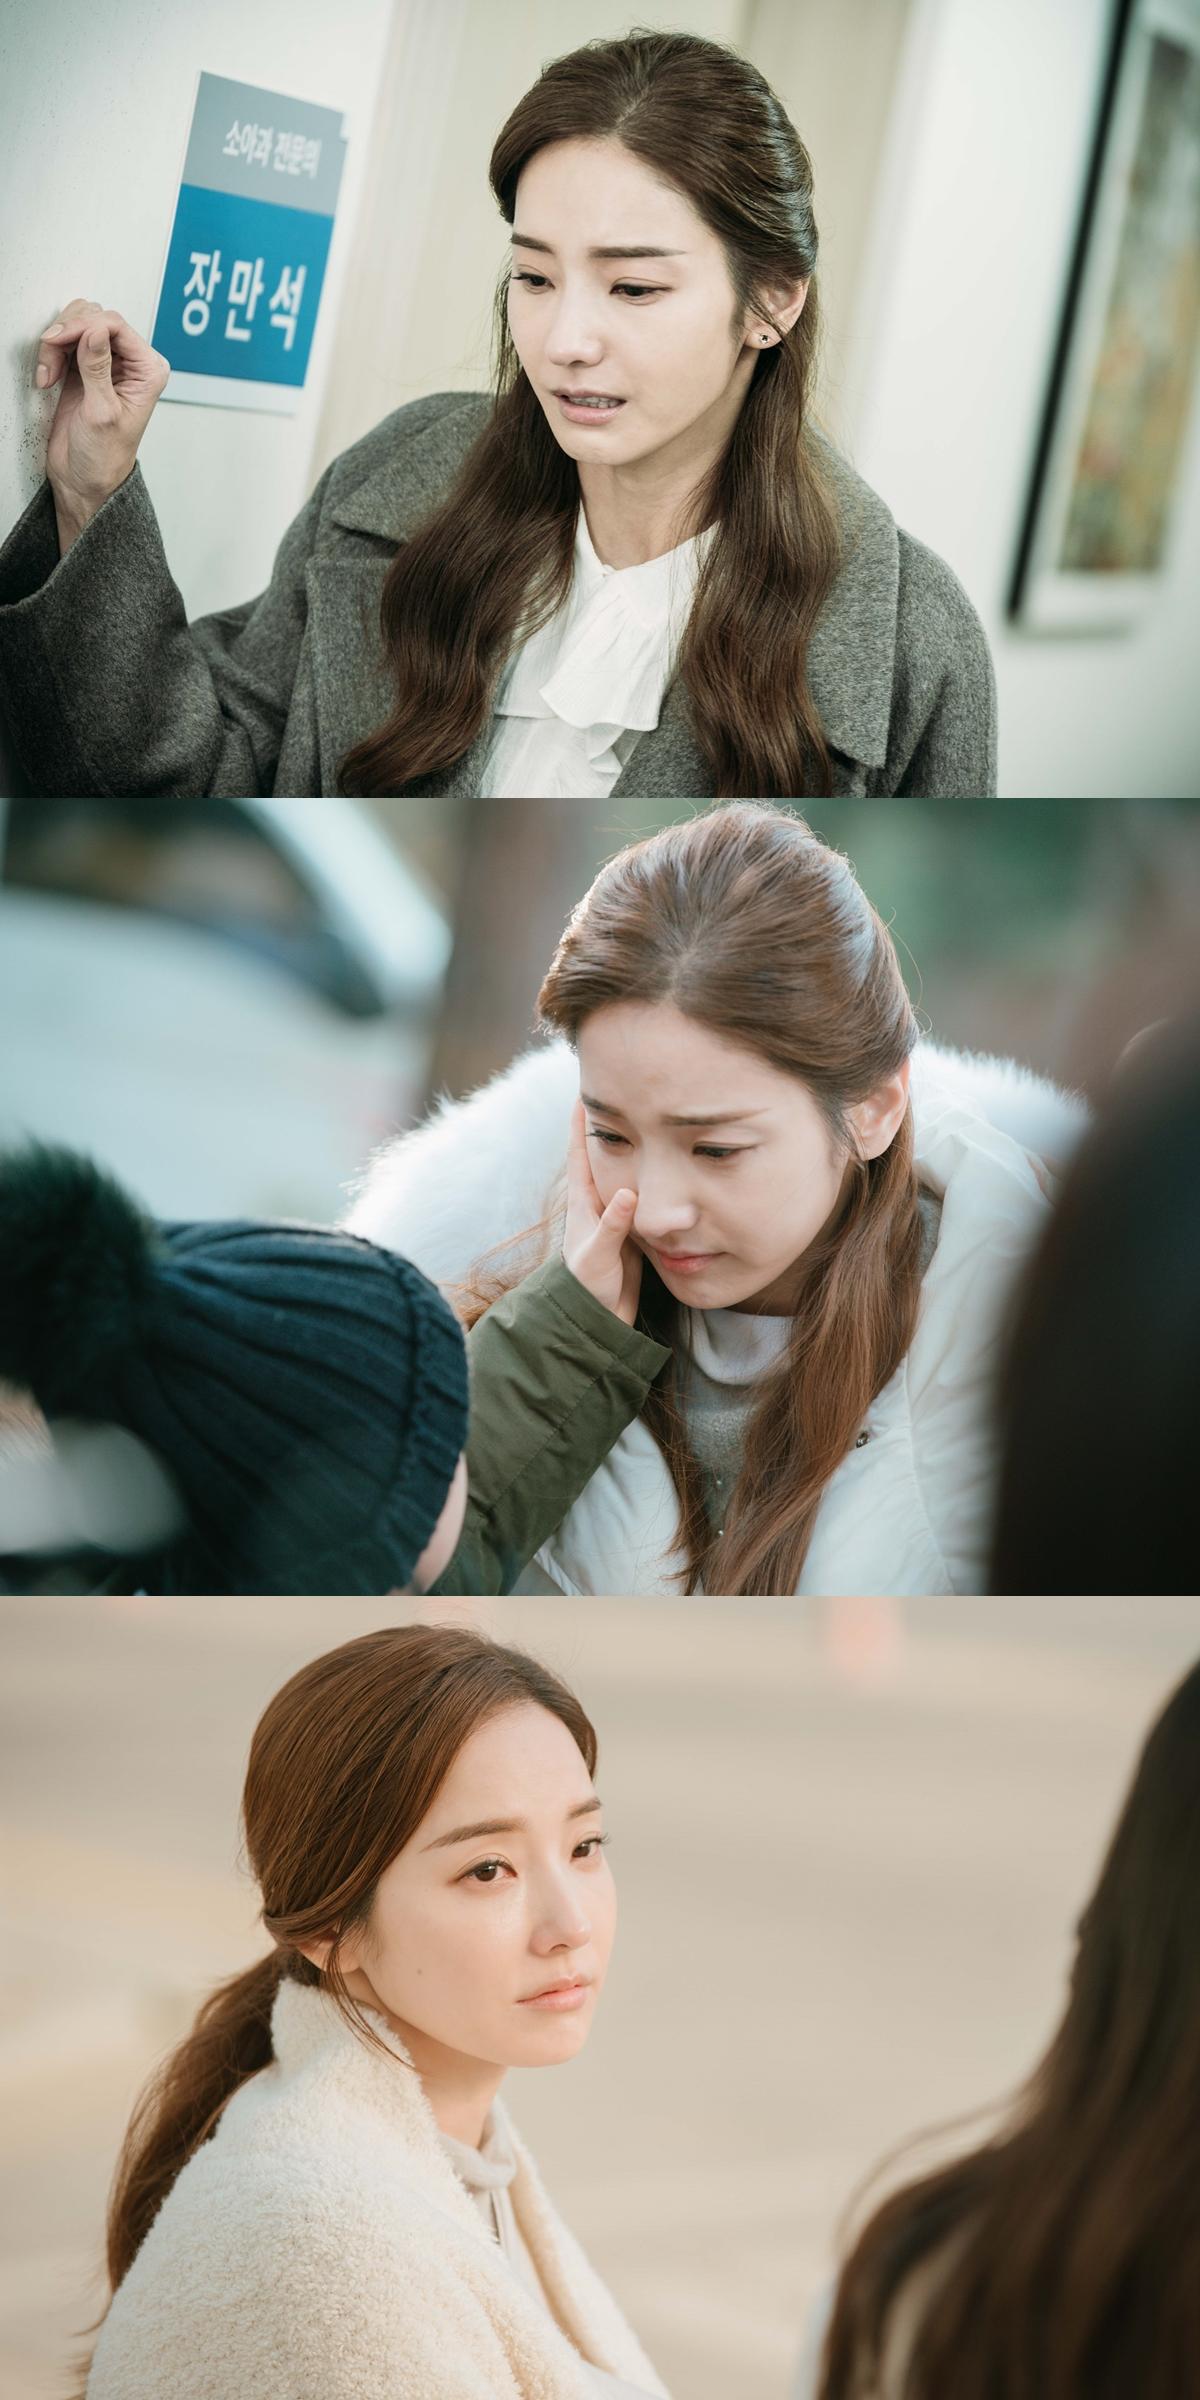 '신과의 약속' 한채영이 보여주는 뜨거운 모성애, 그녀의 눈물 BEST 3은?